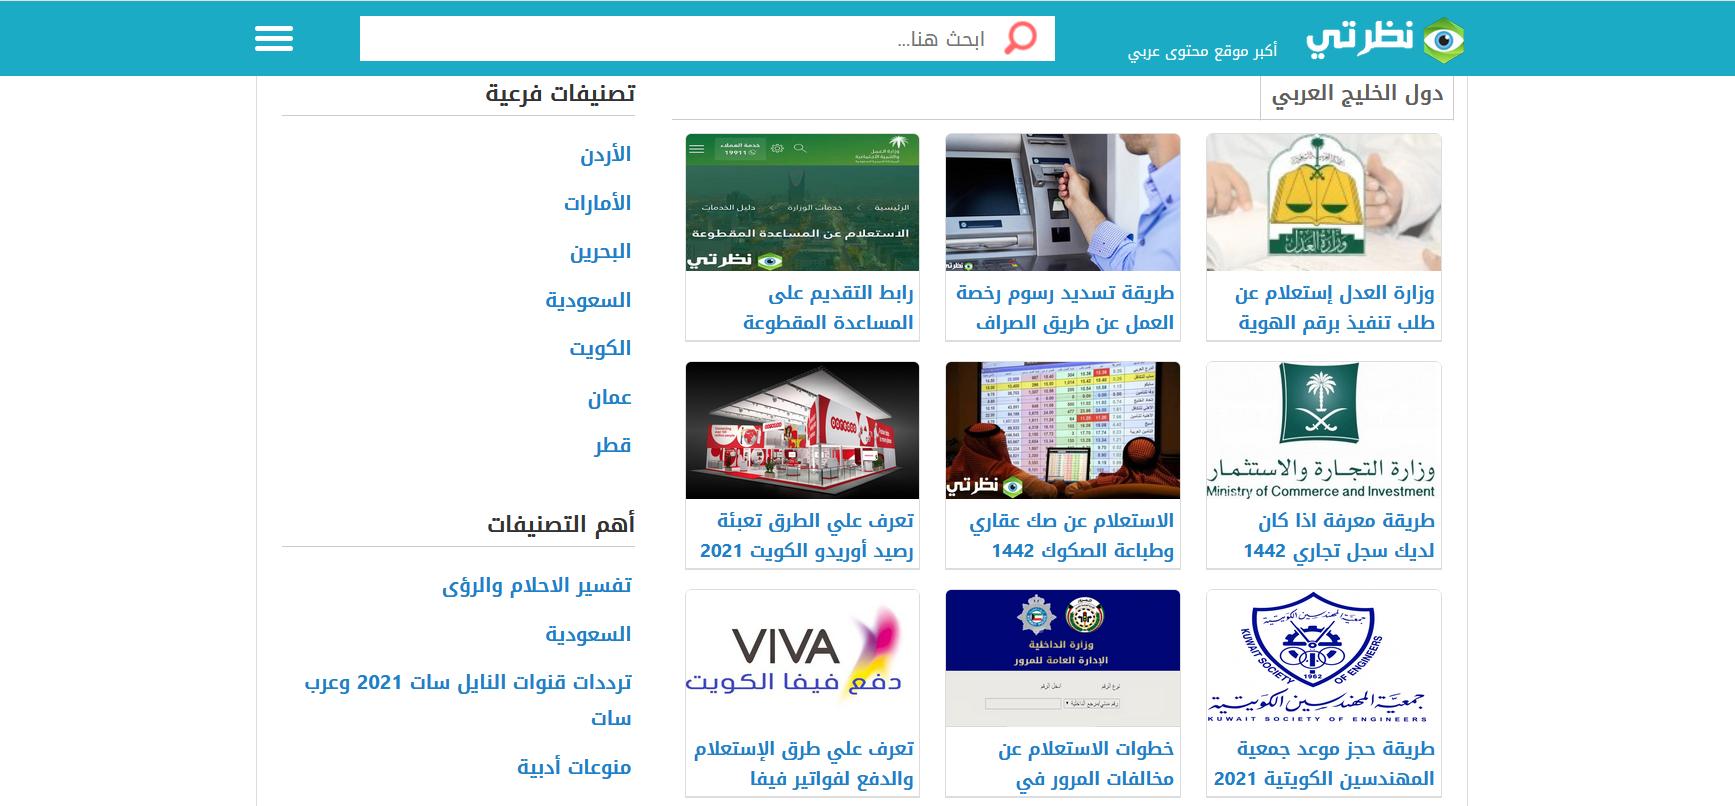 مجلة نظرتي تنطلق لمتابعة الأخبار لحظة بلحظة من أقوى المصادر العربية